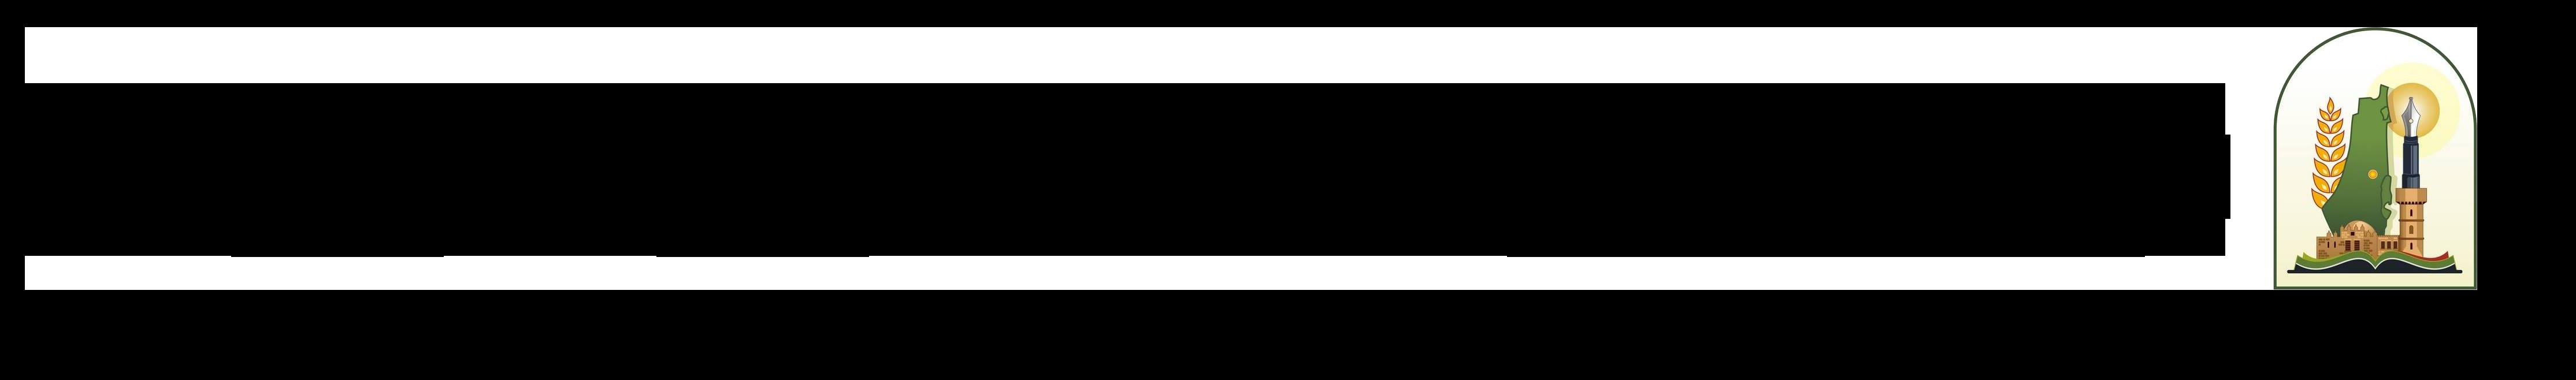 مديرية التربية والتعليم - خان يونس